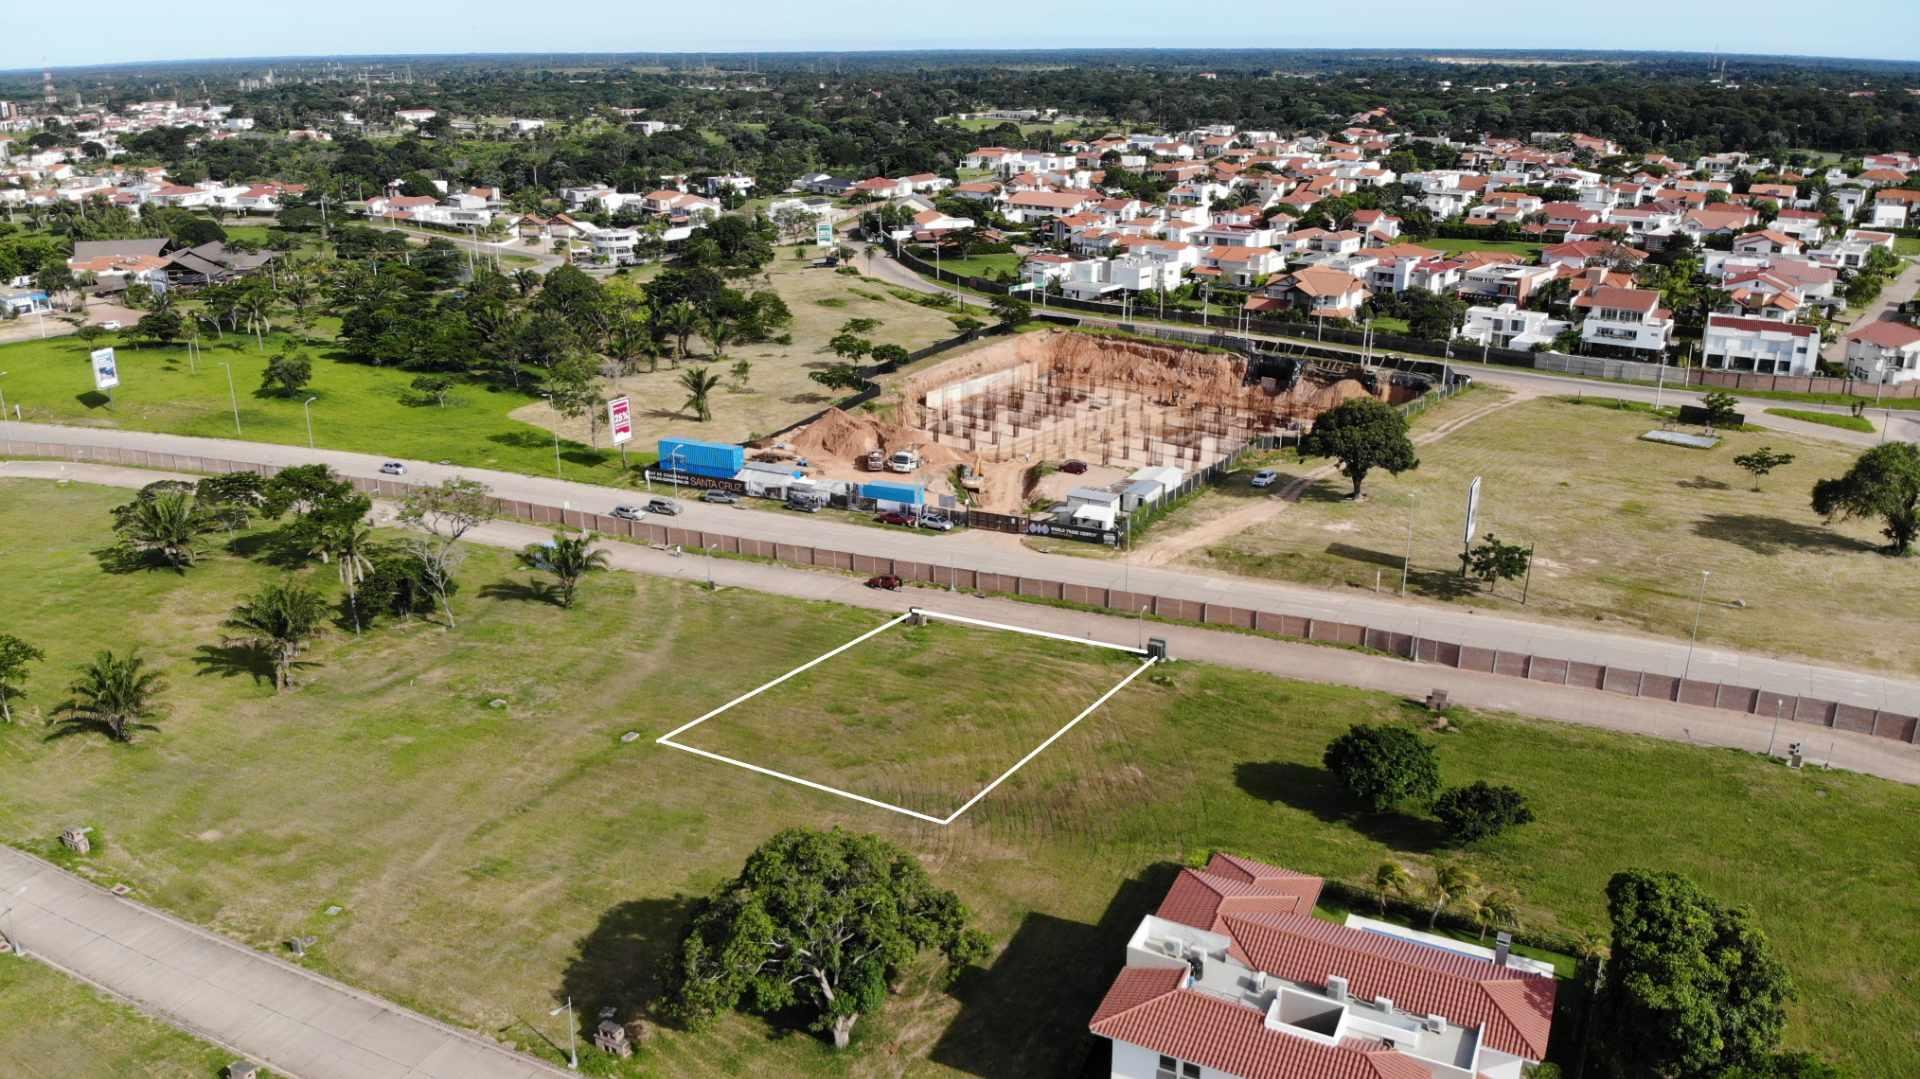 Terreno en Venta Zona Urubo, Condominio Colinas del Urubo Foto 1